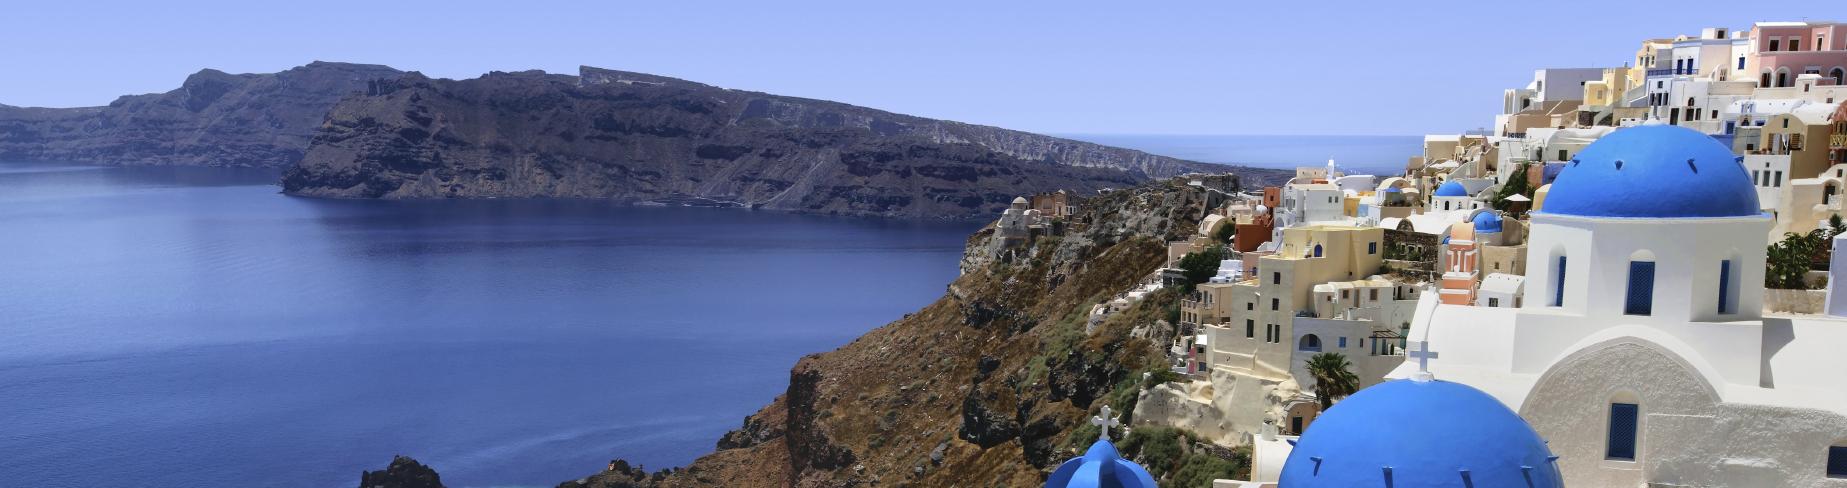 Griechenland Inselhüpfen